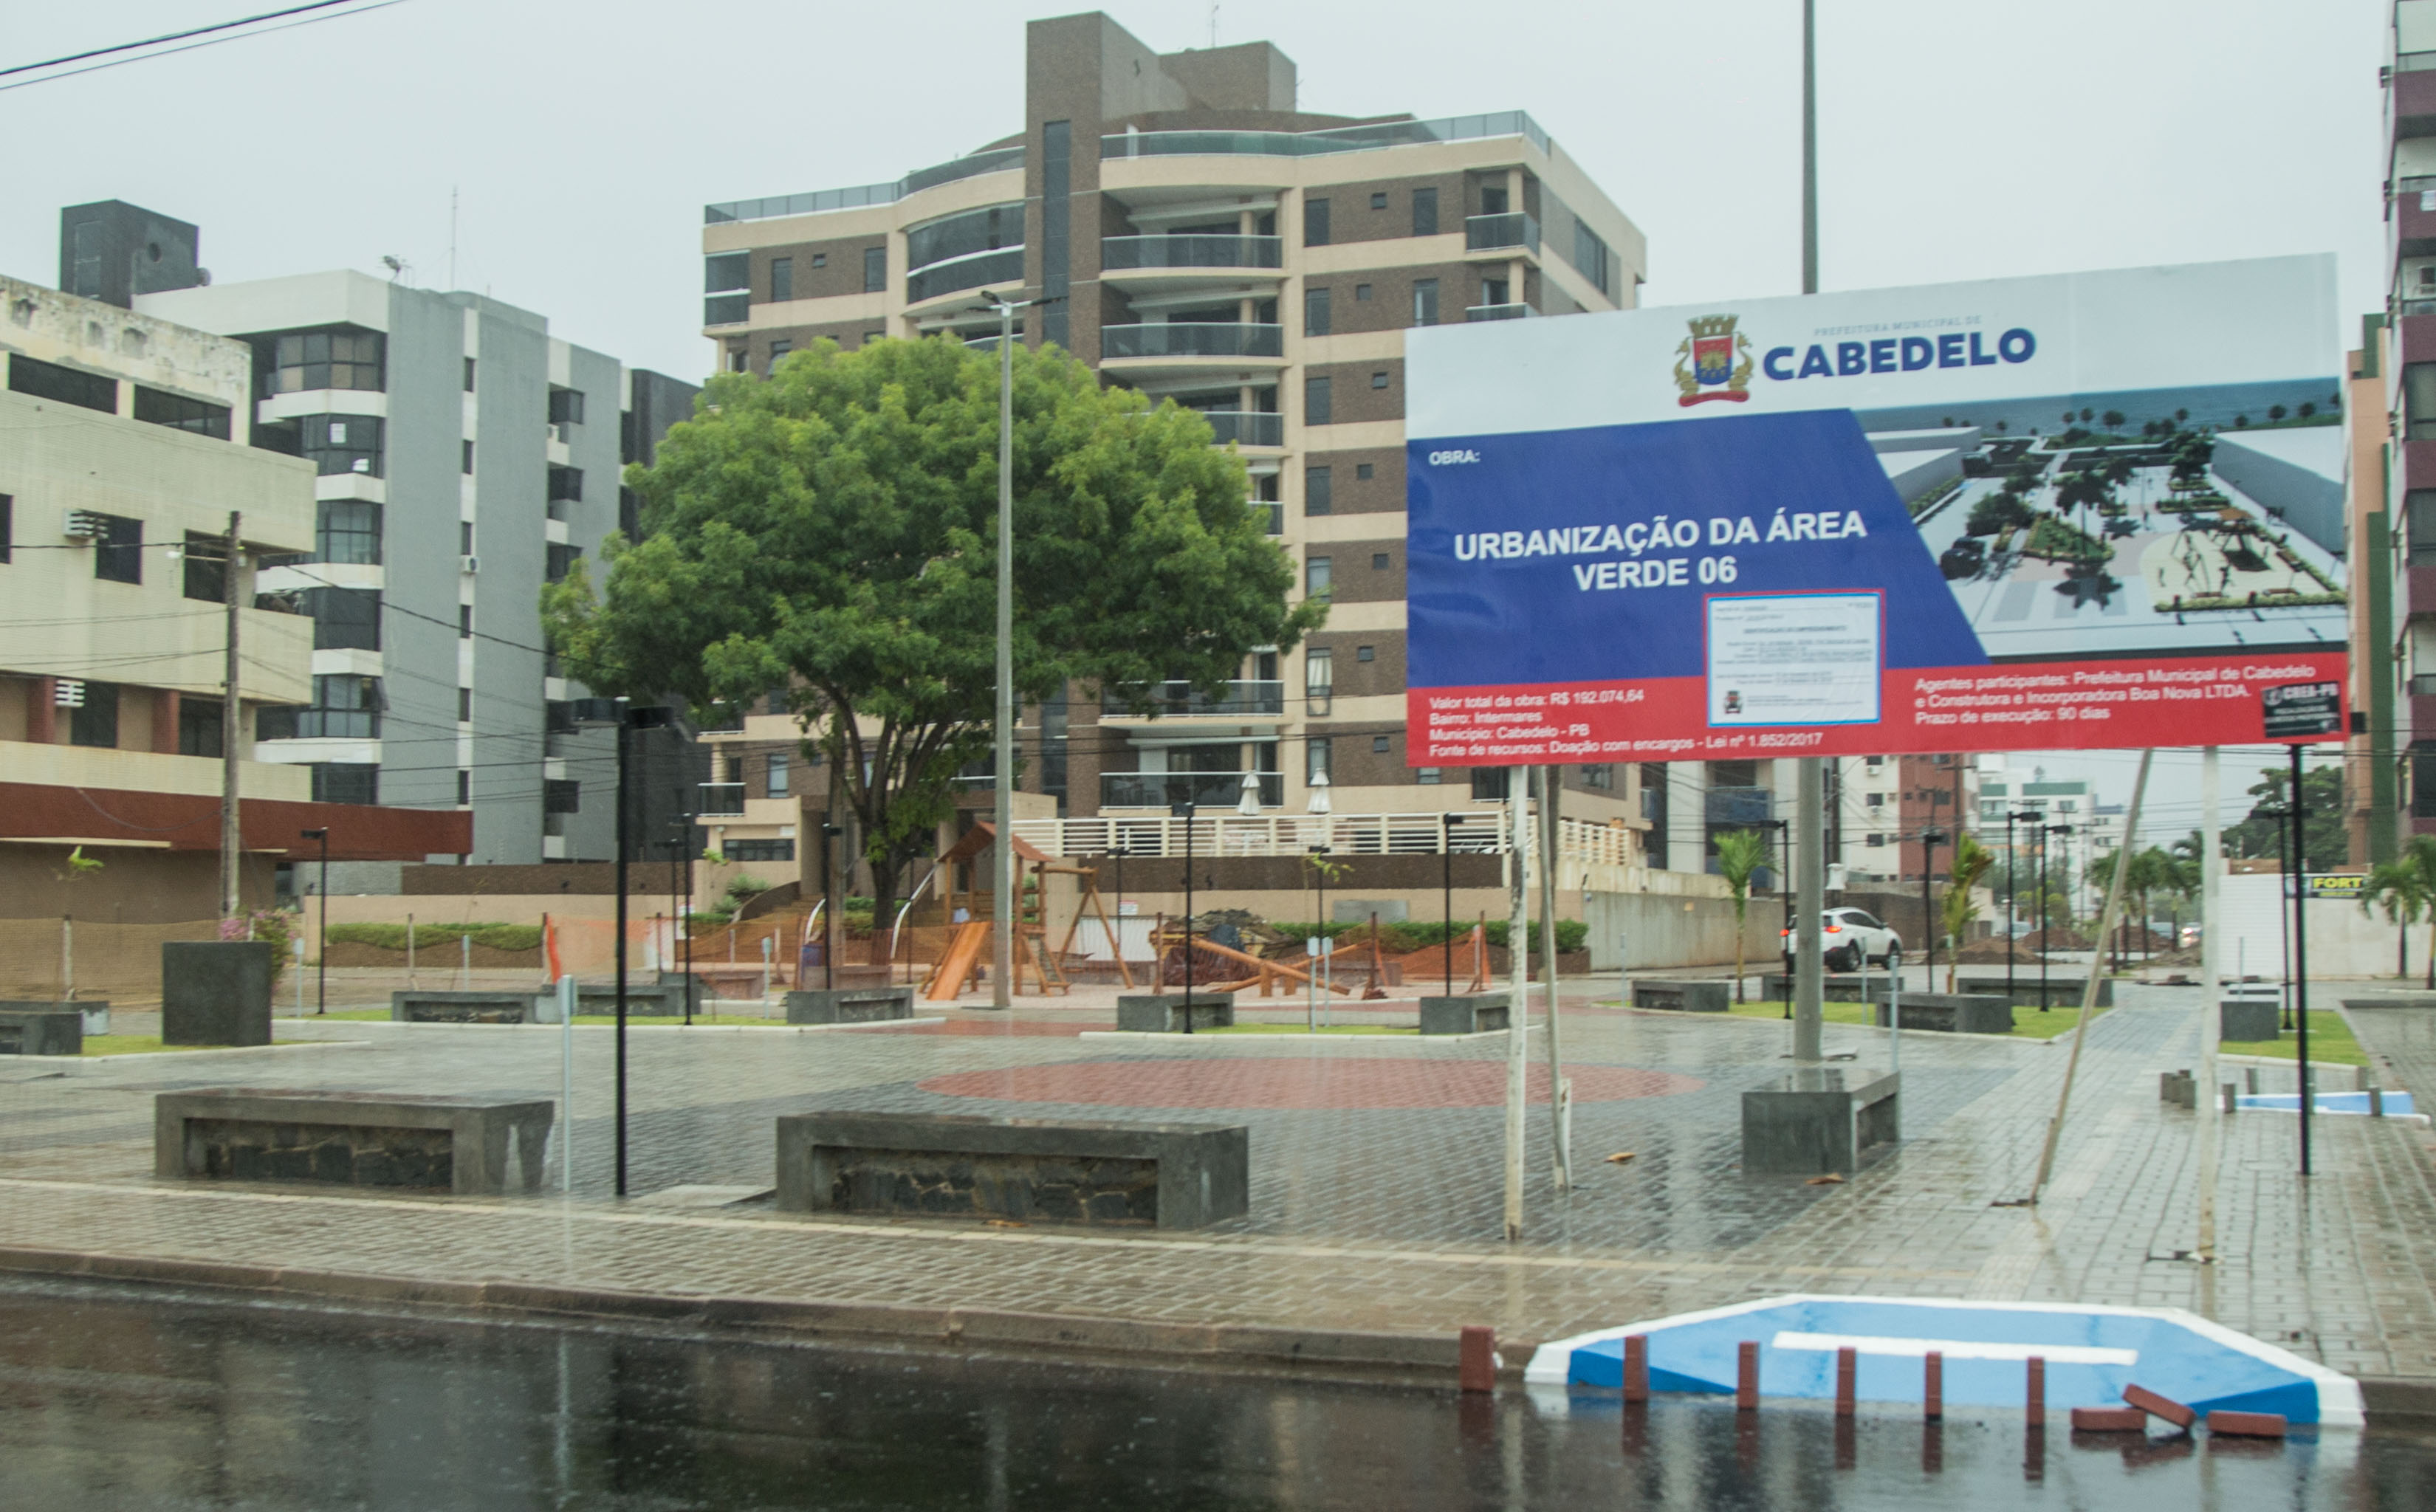 318cf6339 Com investimento de R$ 192.074,64, o espaço segue o padrão das praças  construídas no bairro, e contará com passeios em piso intertravado, quadra  de areia ...